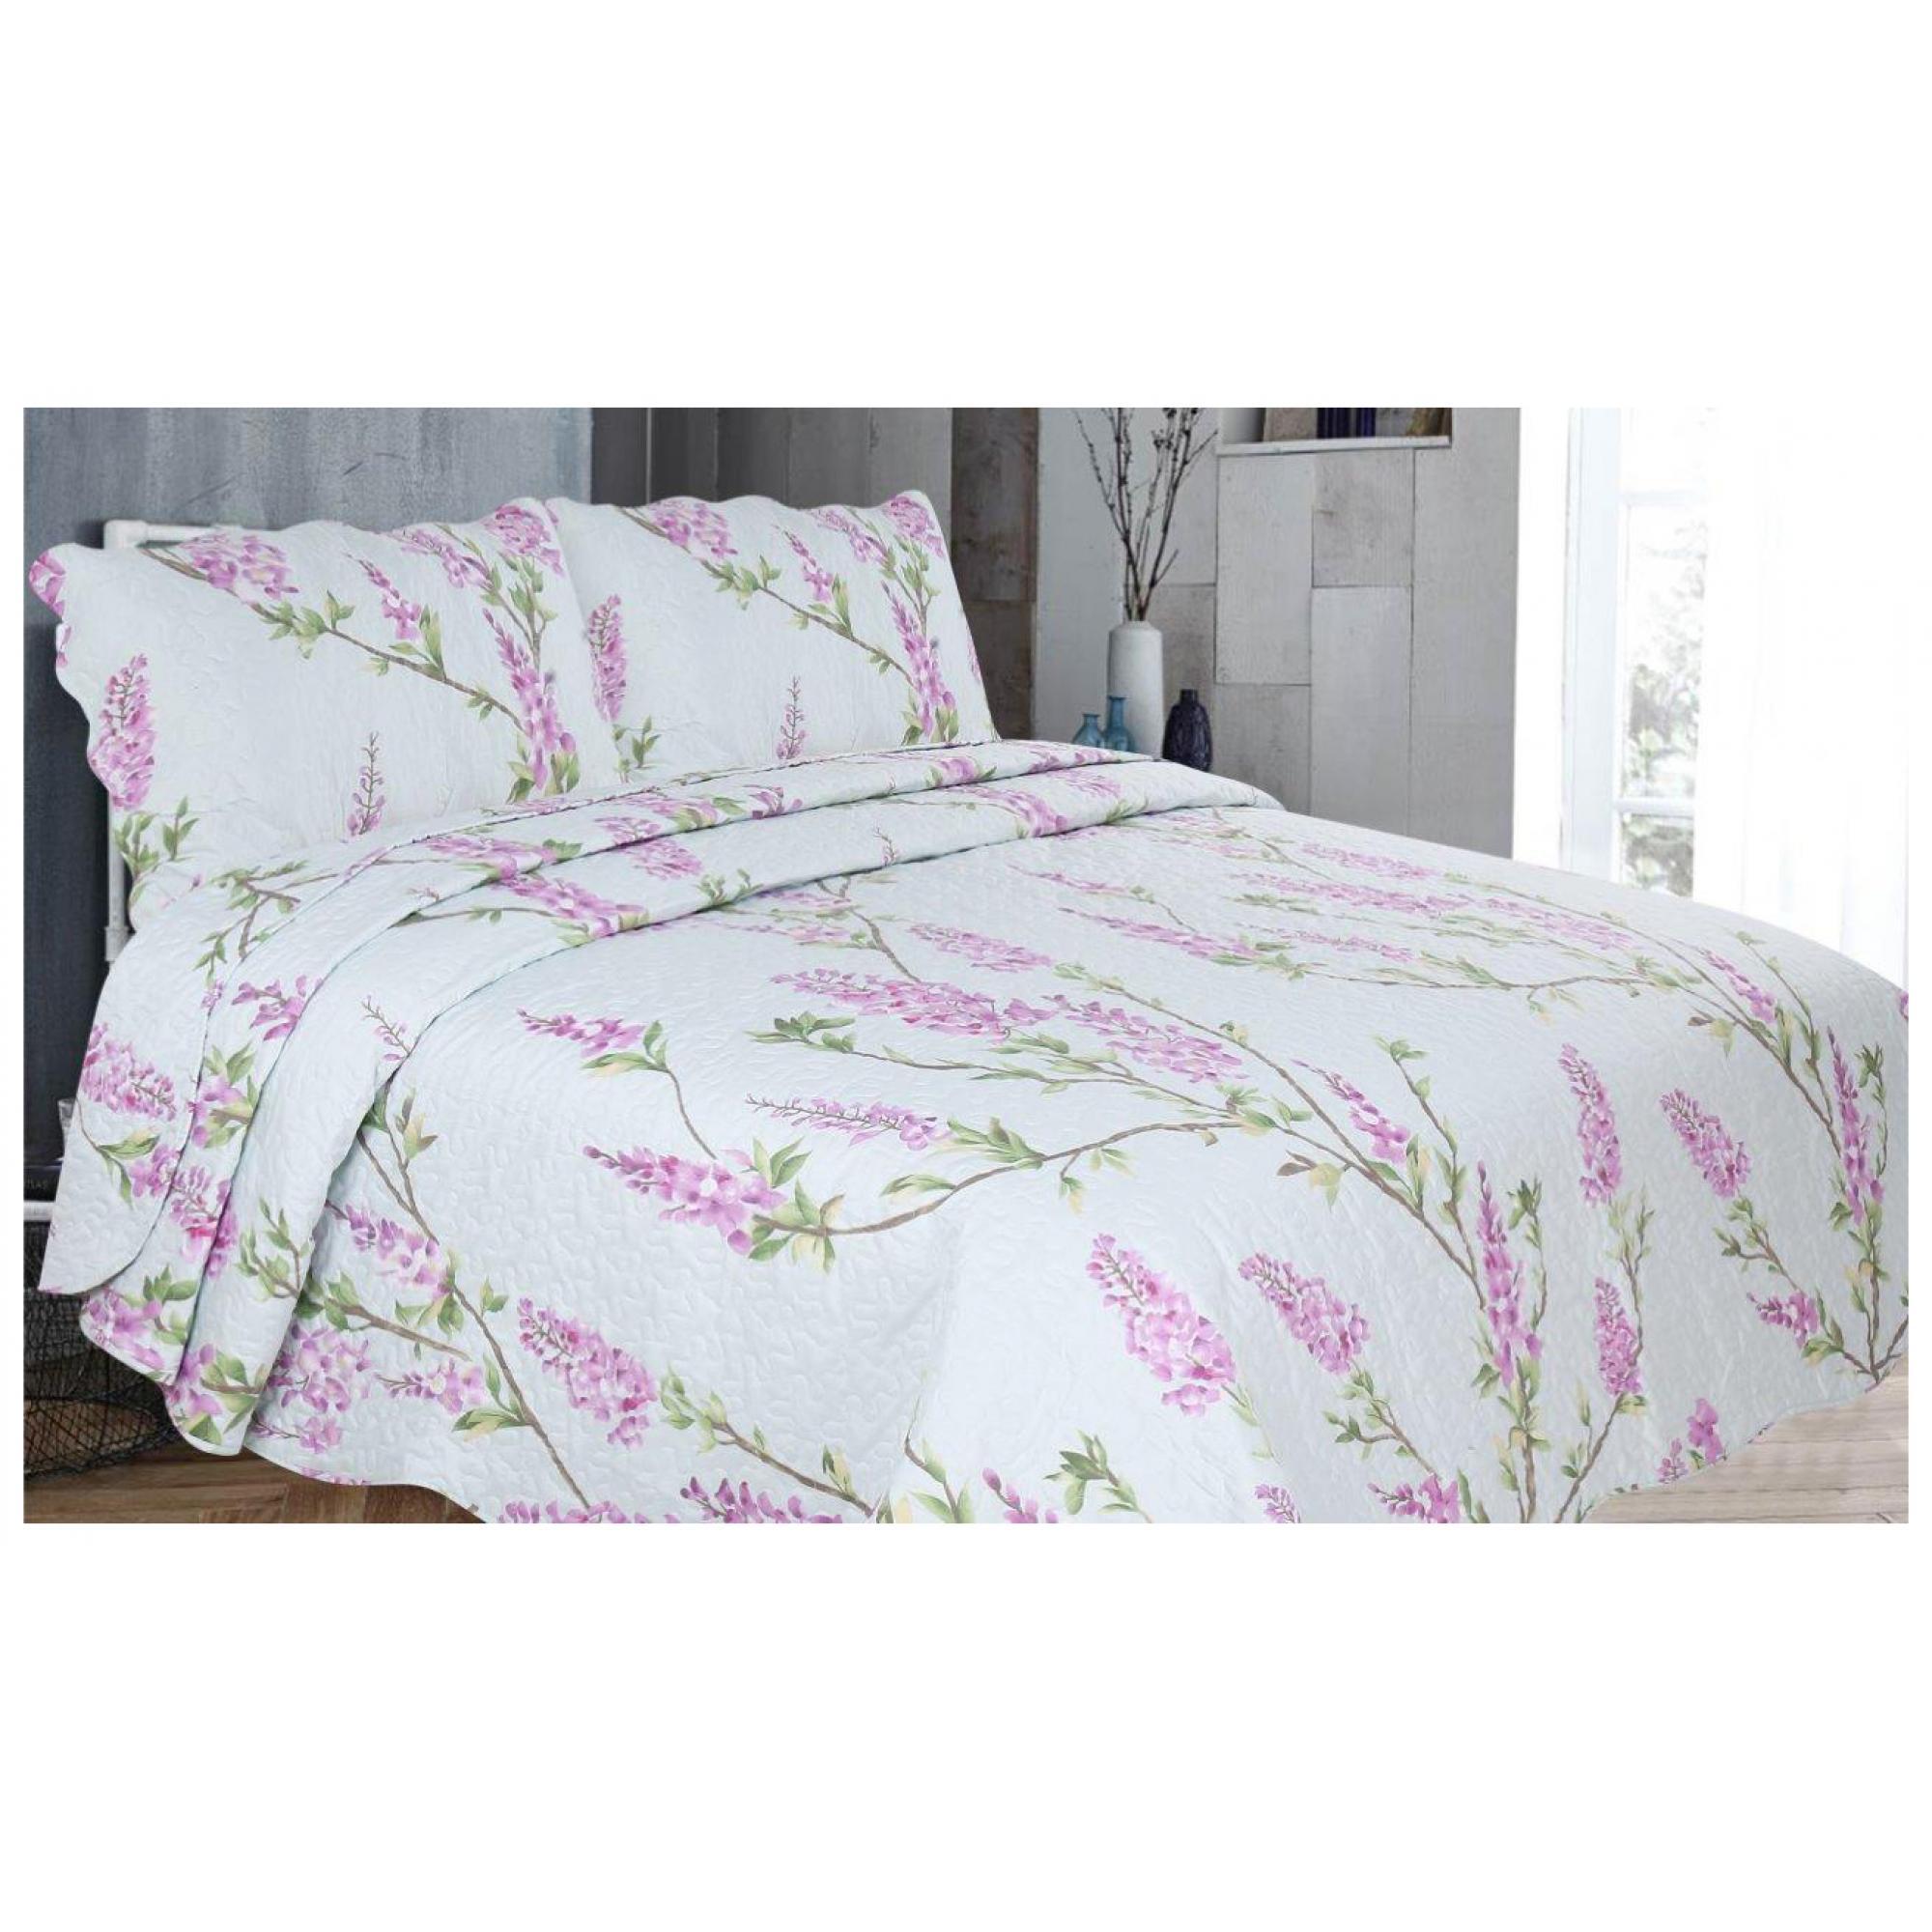 3PC PRINTED BED SPREAD WISTERIA PURPLE